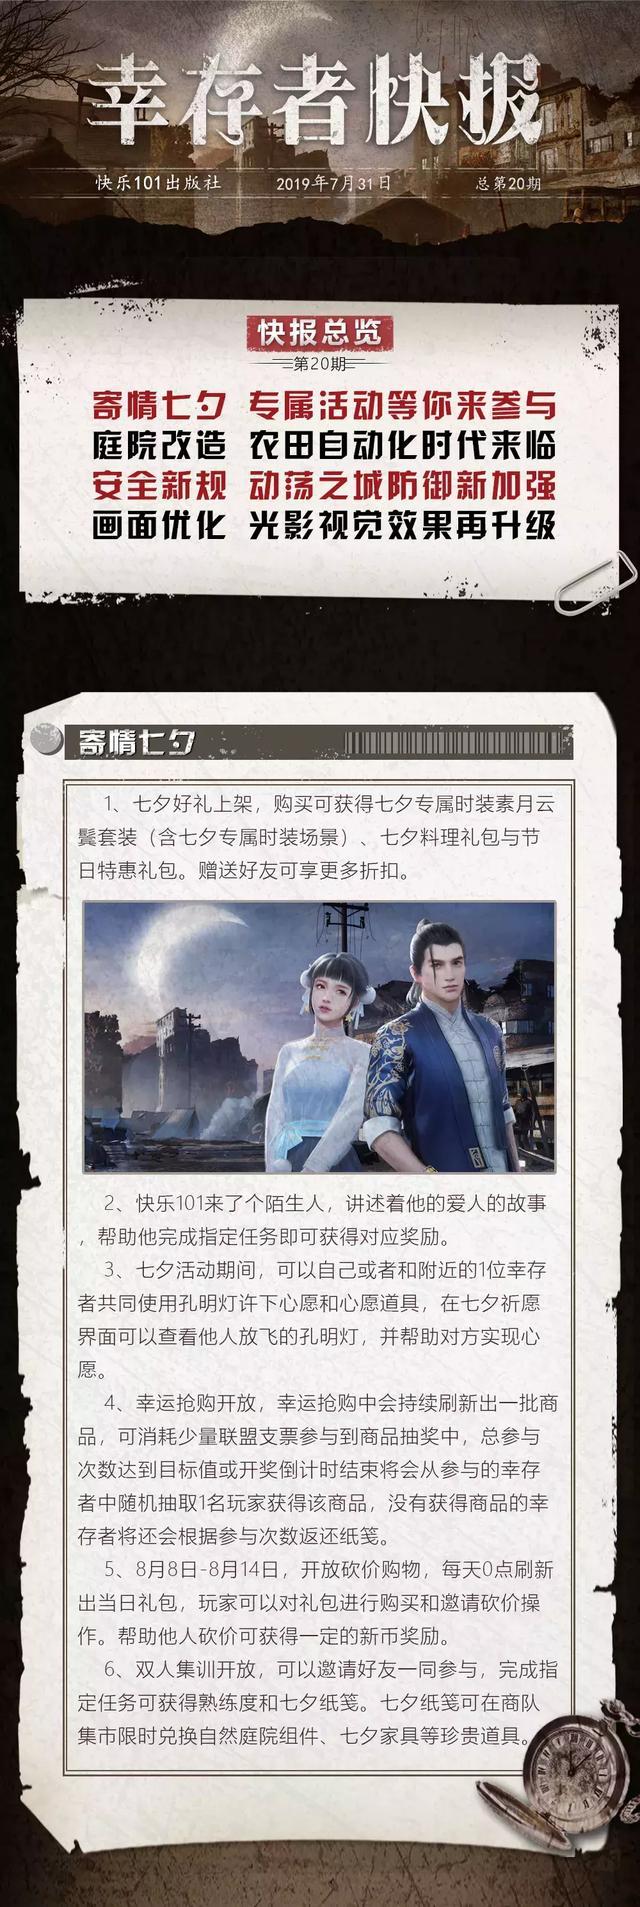 明日之后更新公告:七夕怎么过?新庭院、新剧情、新福利全都要!